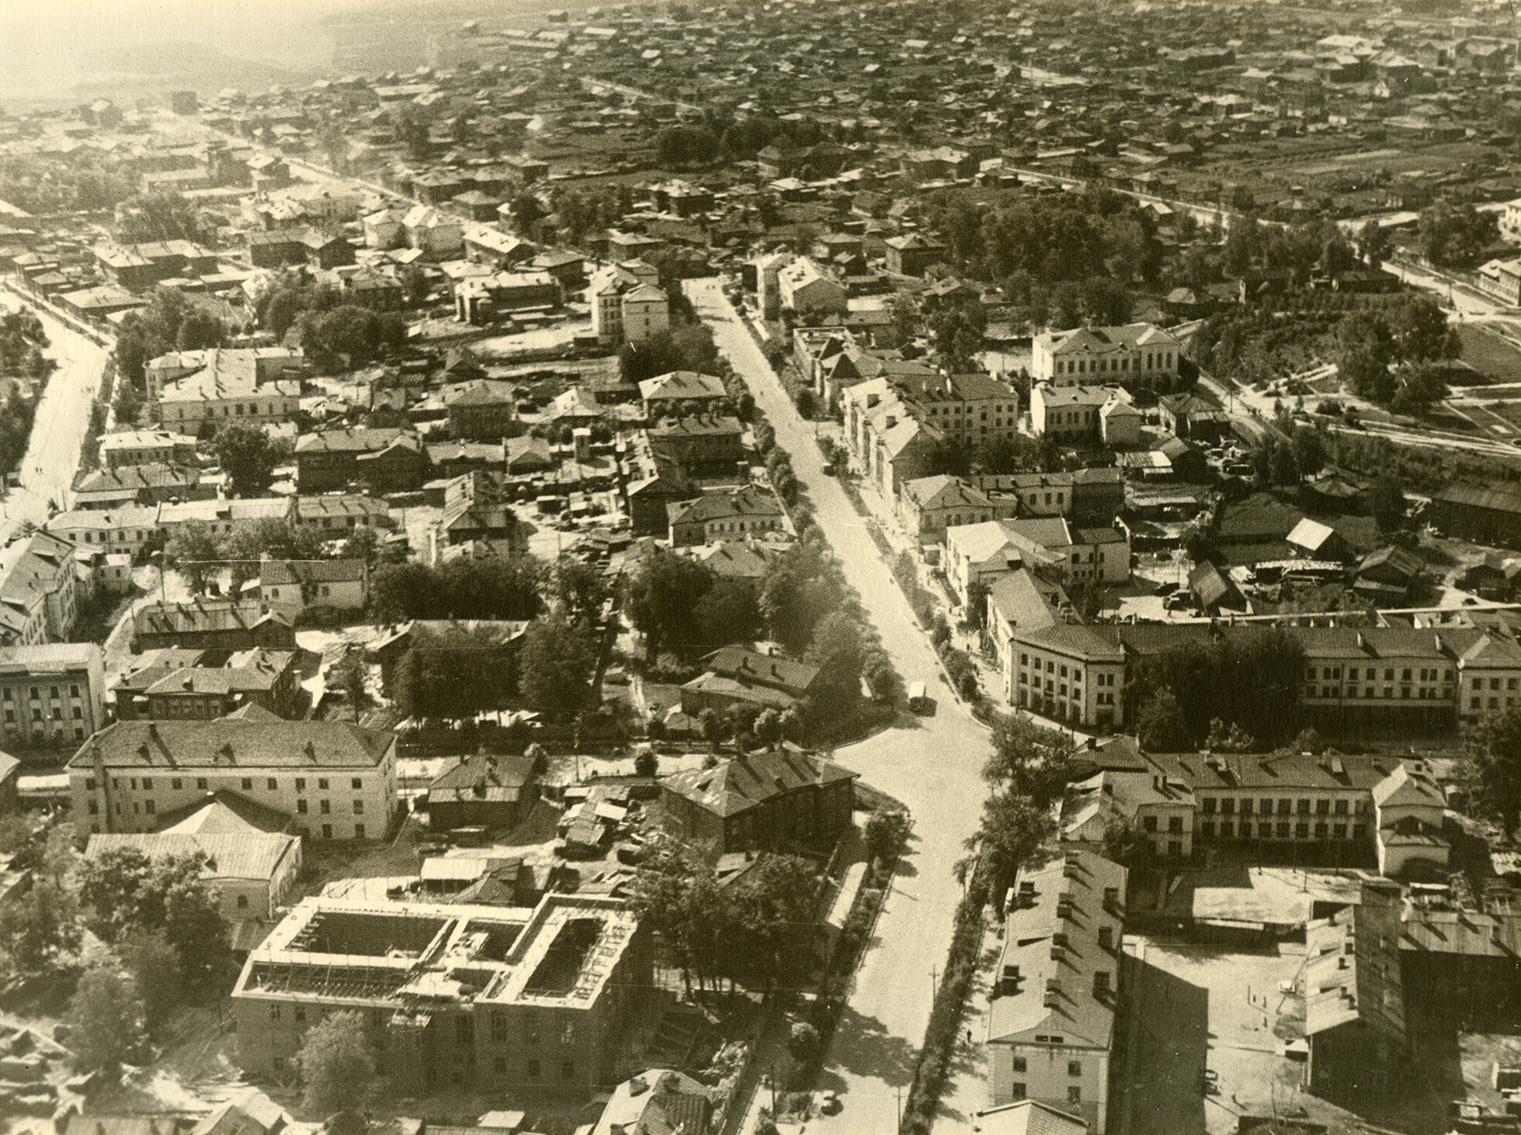 Вид города. Перекресток улиц Советская и Бабушкина. Фотосъемка с самолета. 1946 г.